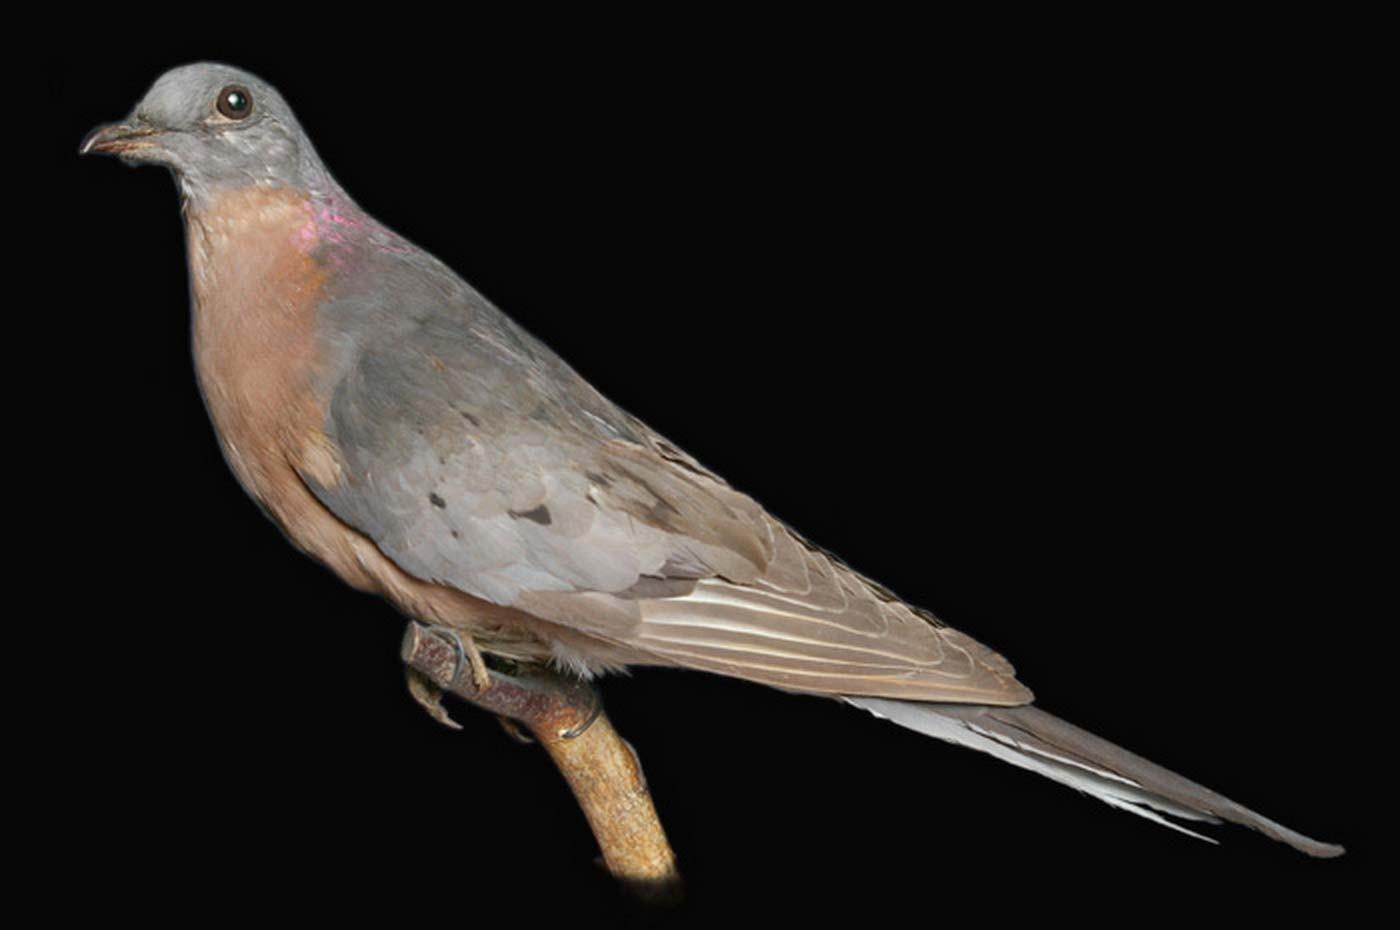 исчезнувшие животные и птицы в картинках основном, применяют